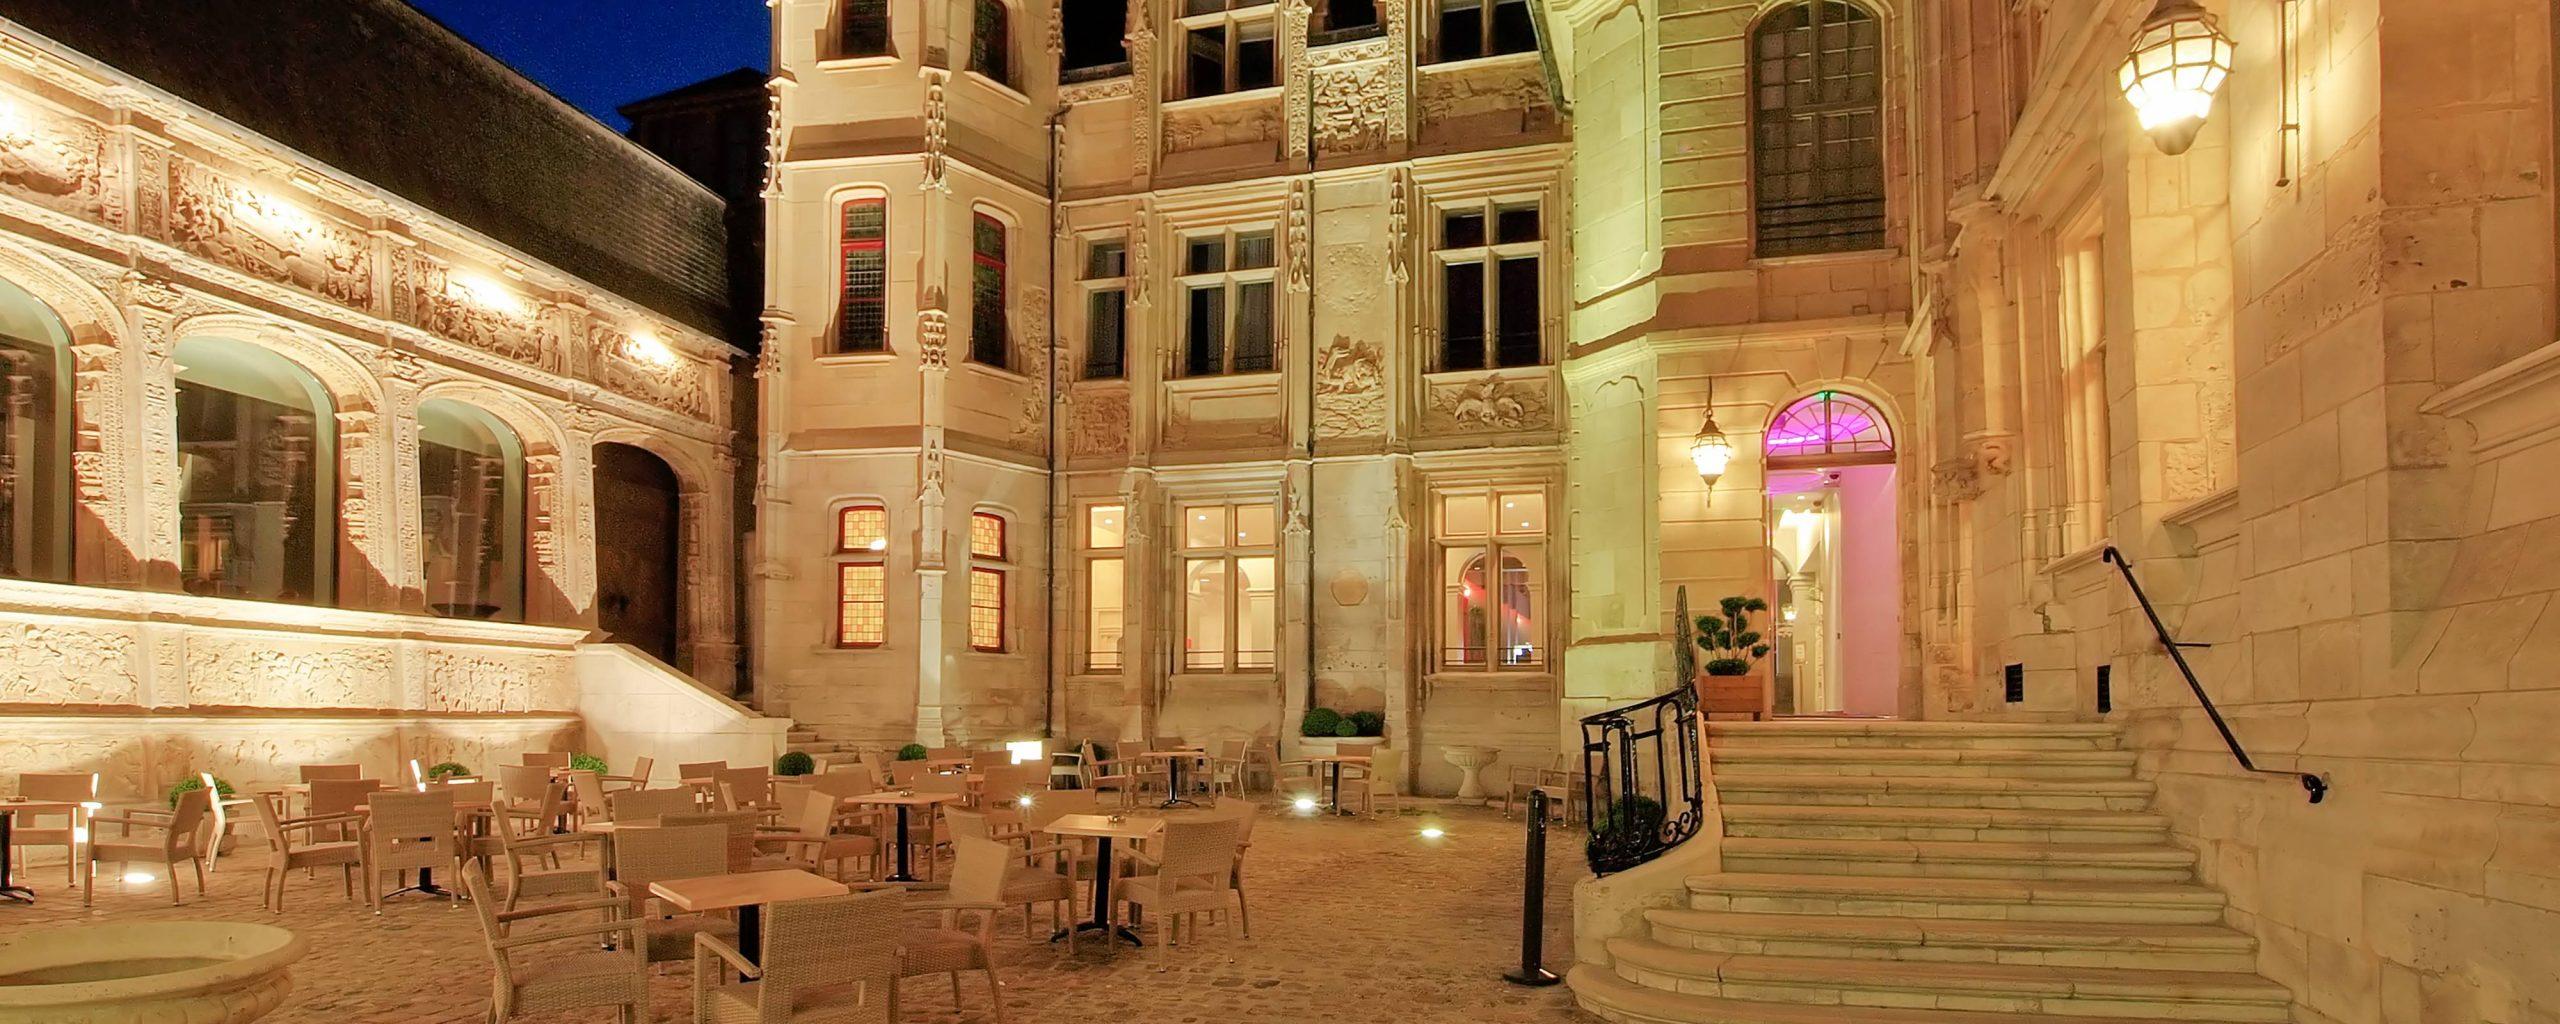 Historic Rouen, France, Hotel | Autograph Collection avec Piscine Eurocéane